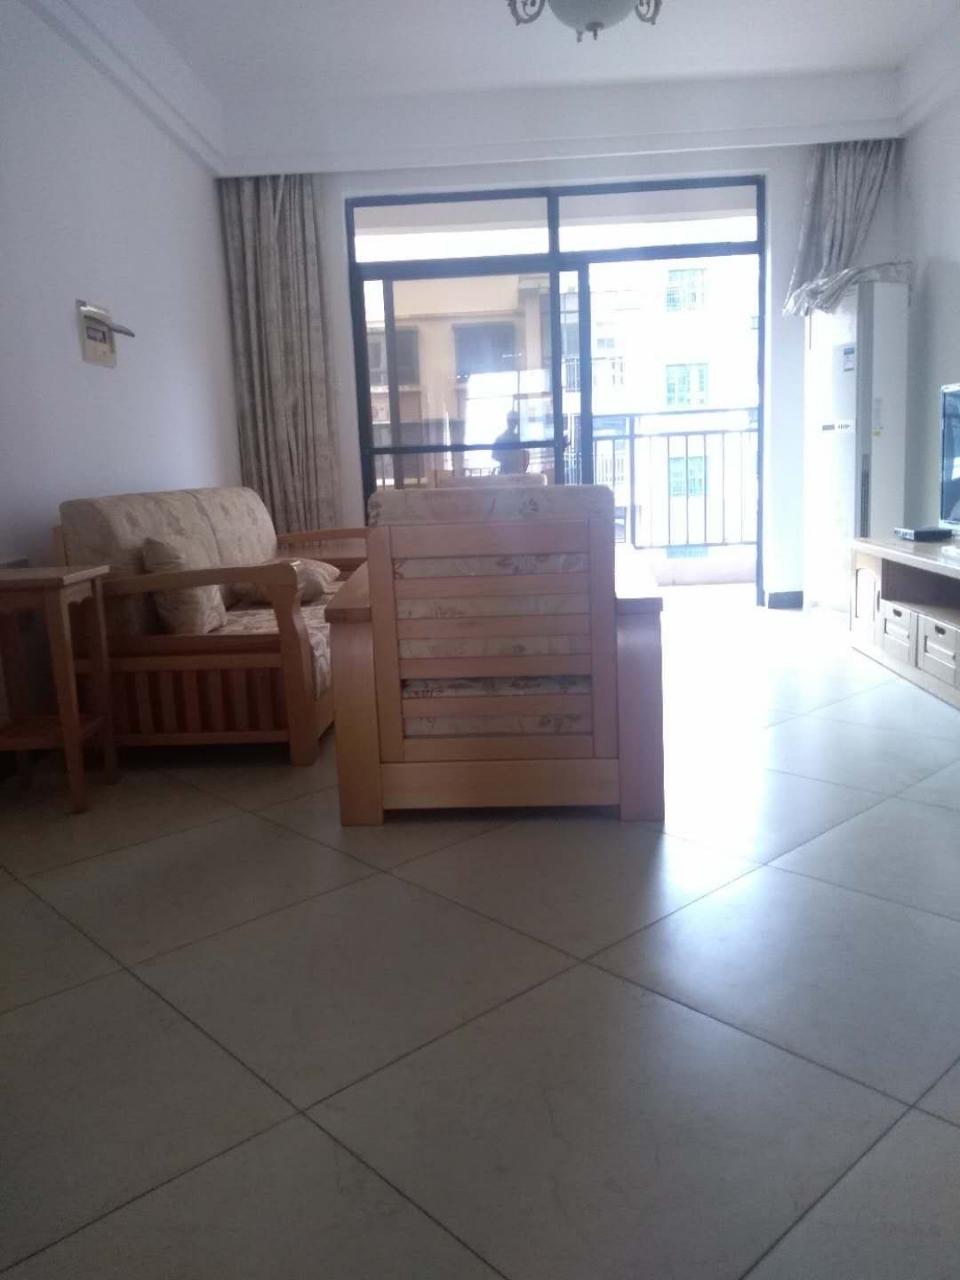 京博雅居2室2厅1卫123万元新房没有住过